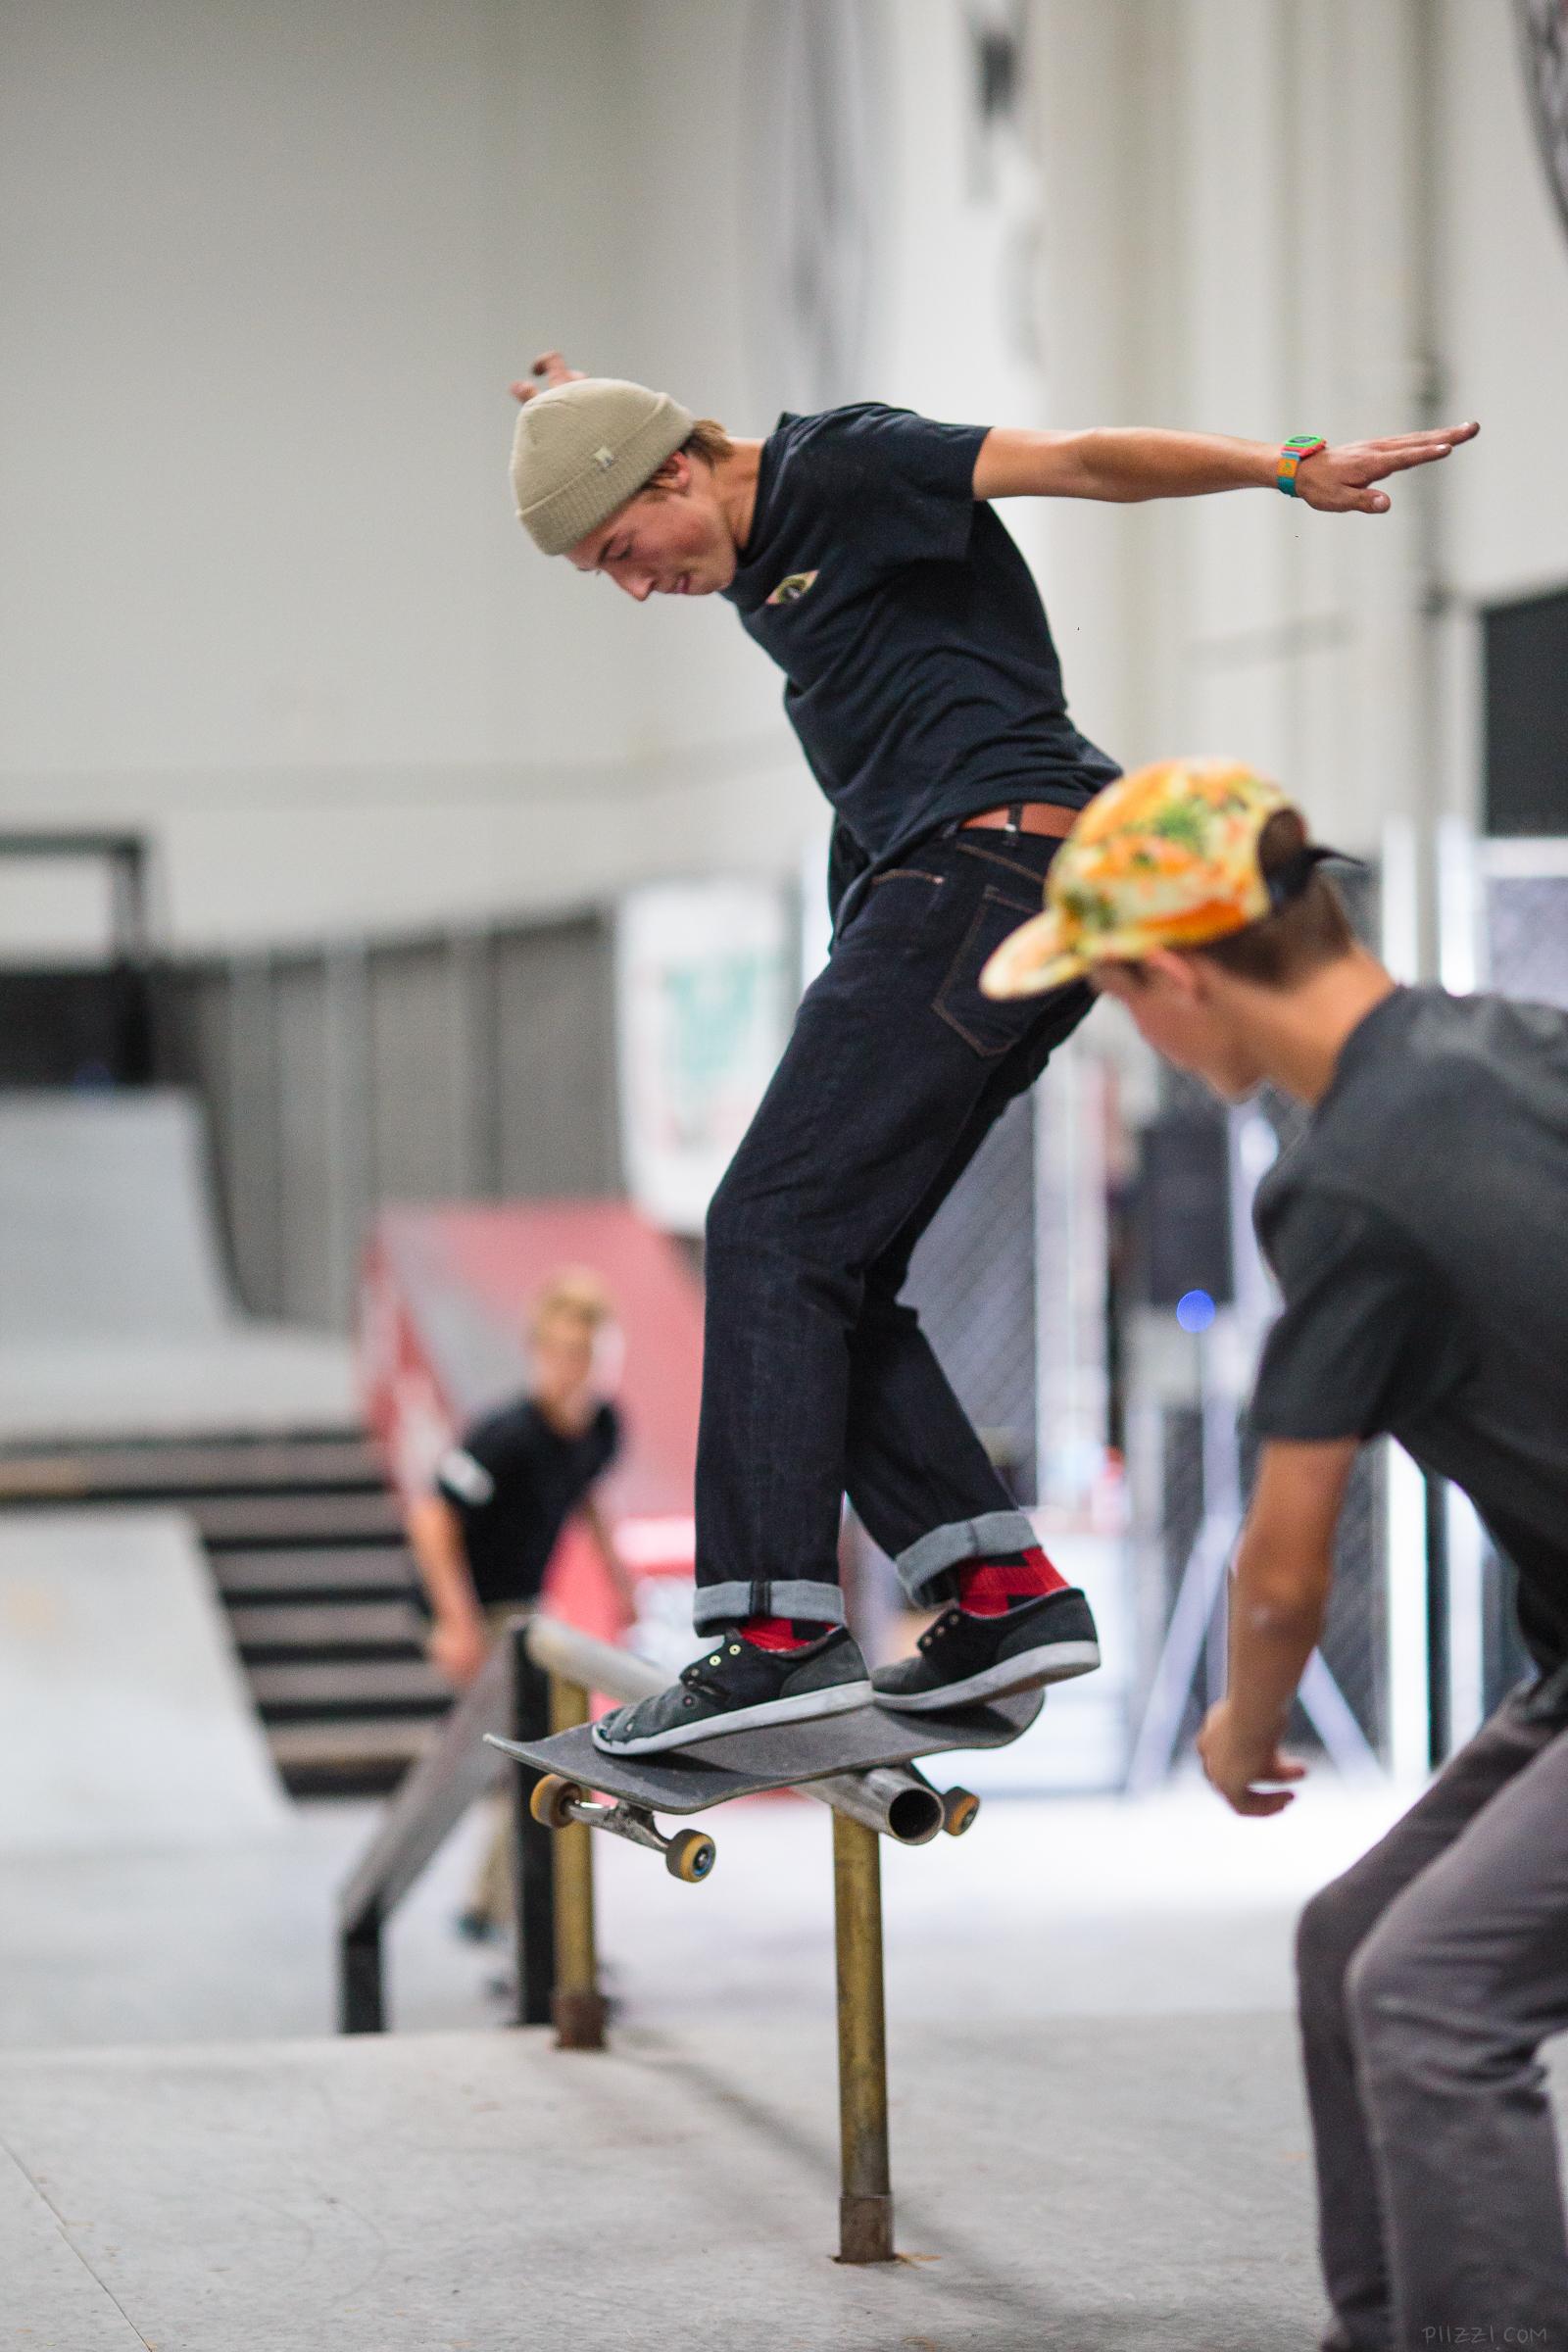 skate_rail_sequence_3.jpg